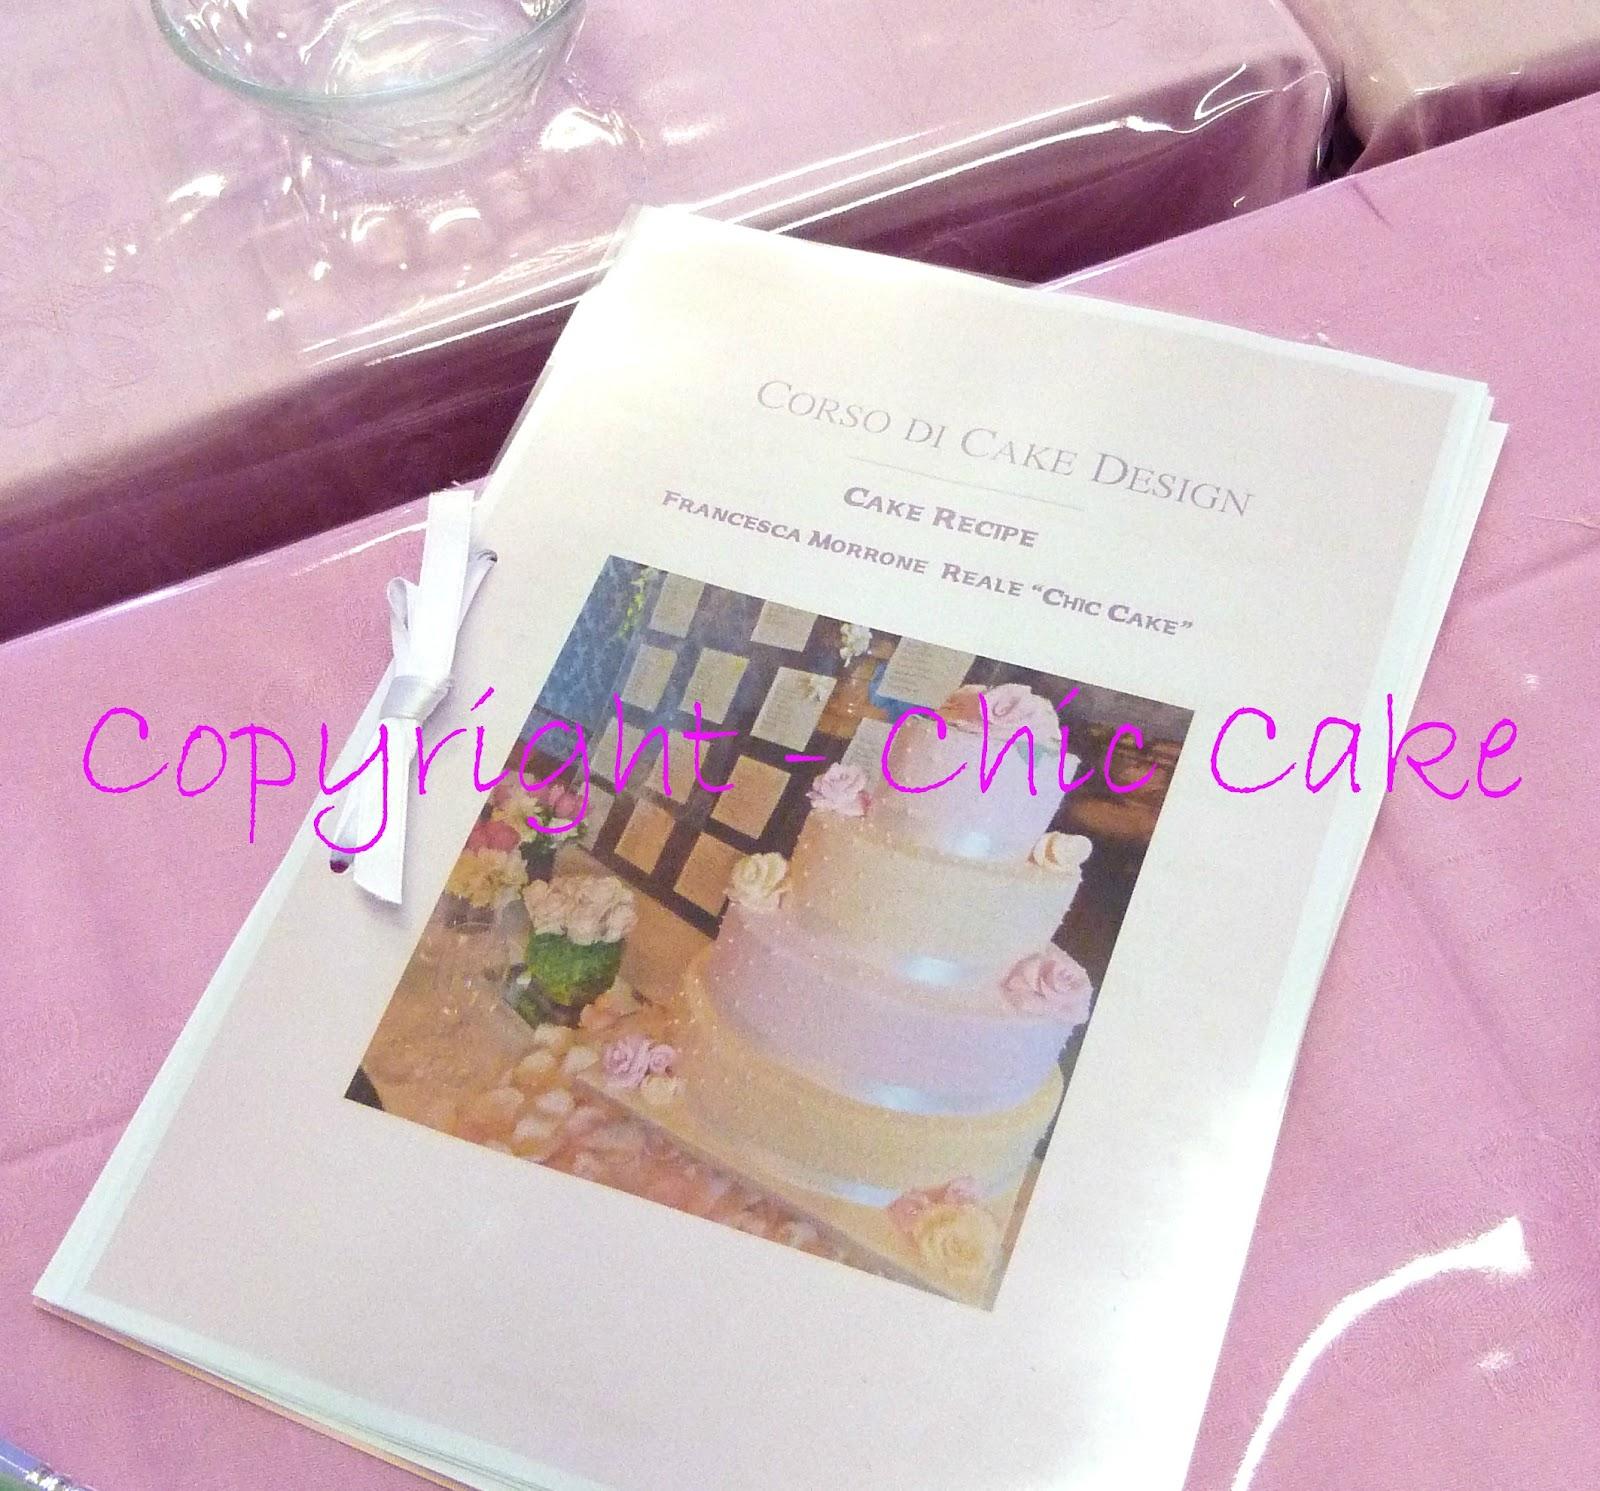 Corso di cake design da chic cake su akkiapparicette for Corso di designer